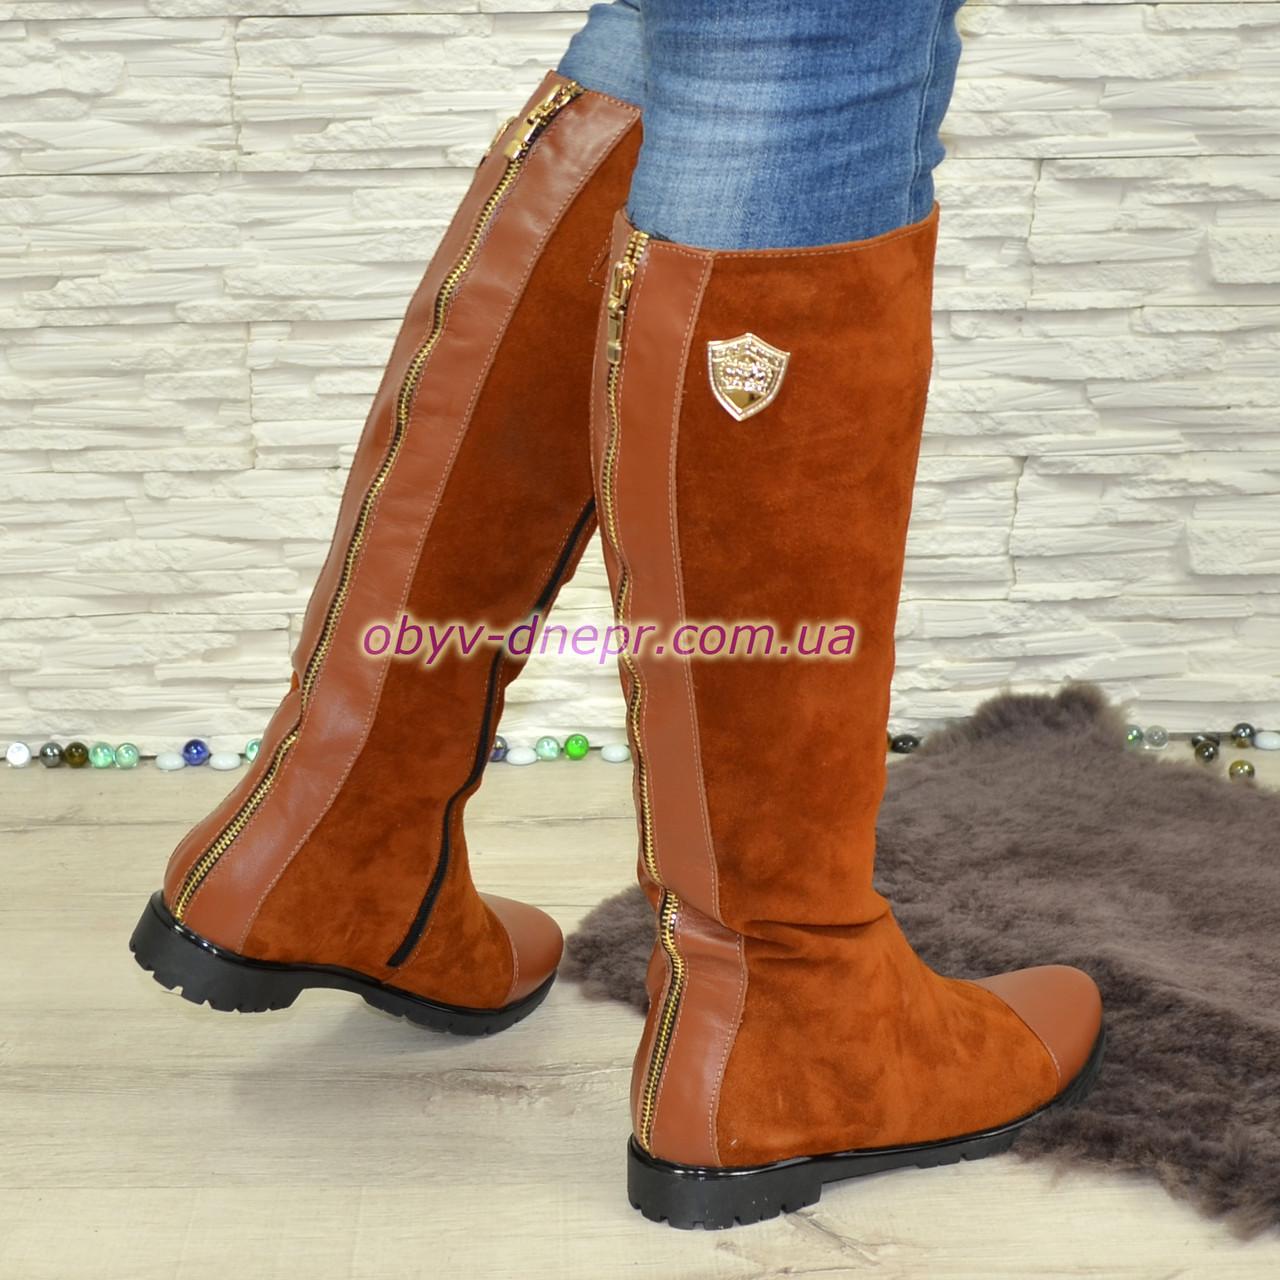 2d64830b2e23 Стильные женские замшевые коричневые сапоги на меху от производителя купить  и ...